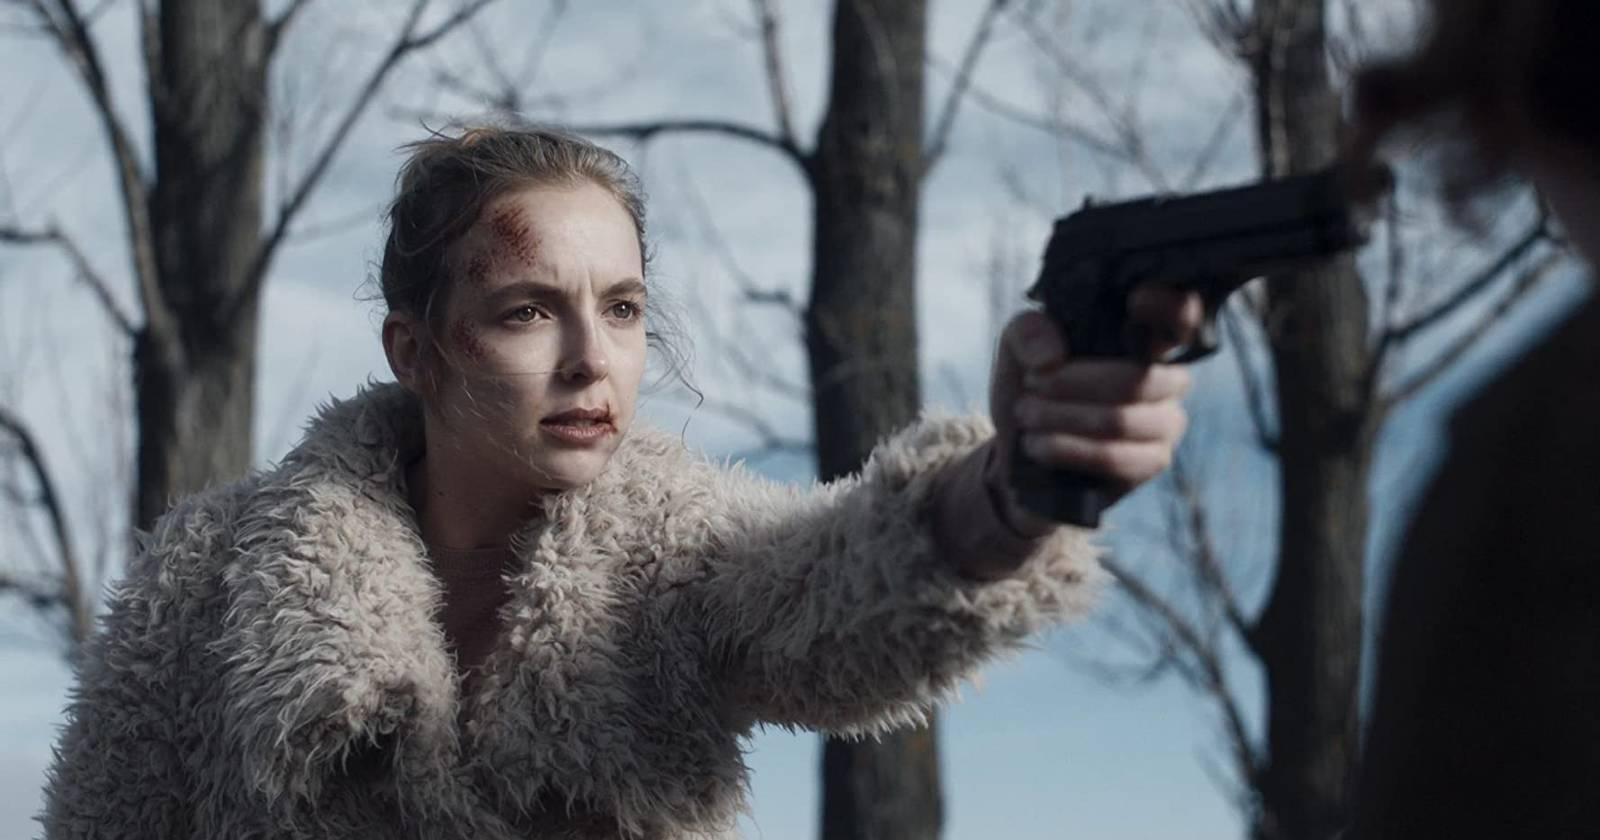 Killing Eve, Villanelle a la izquierda con la cara herida apuntando hacia la derecha una pistola frente a su rehén